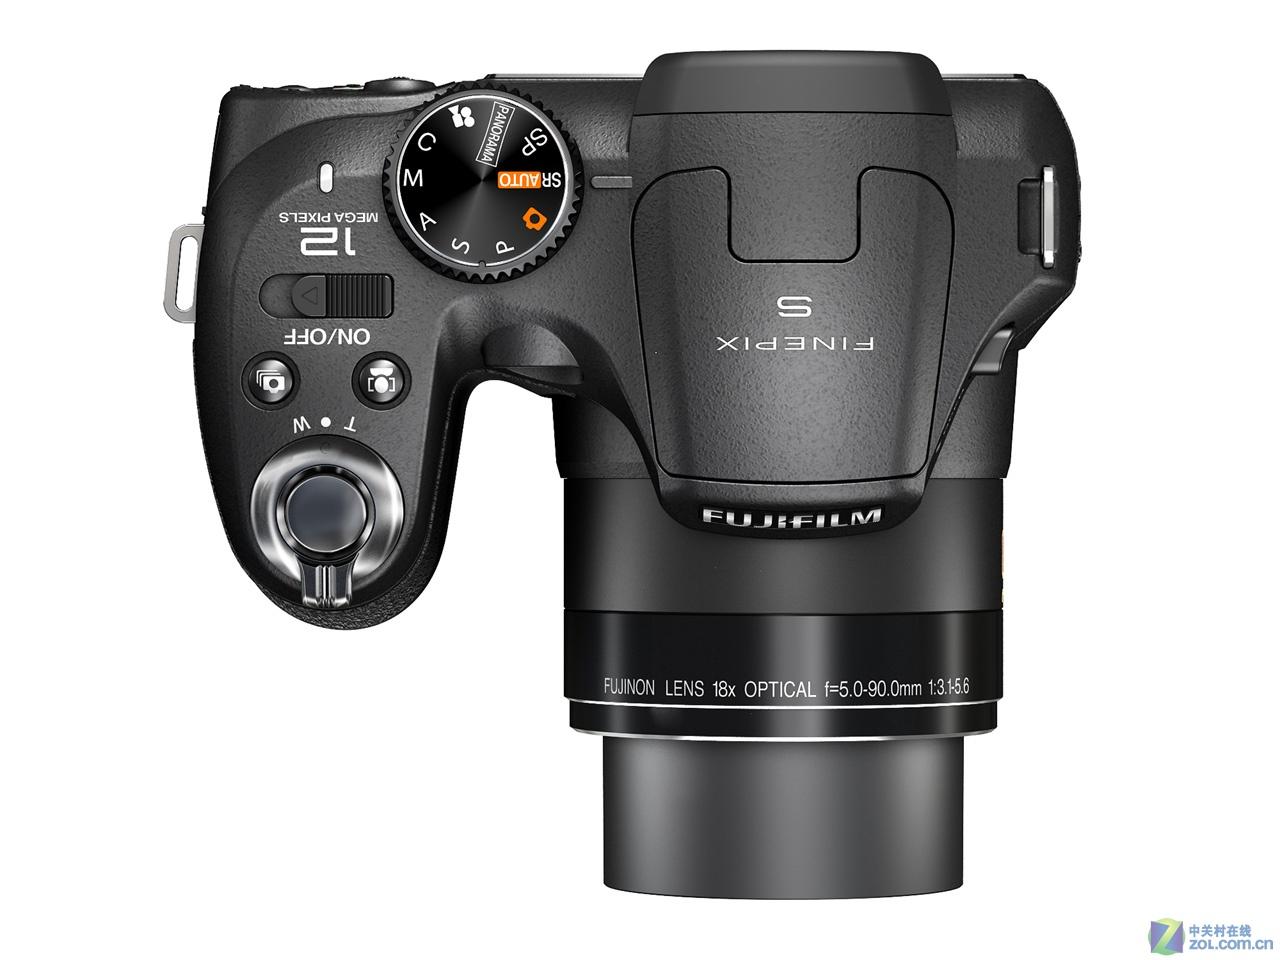 图为:富士s2900hd数码相机; 富士数码相机;  富士finepix s2900hd